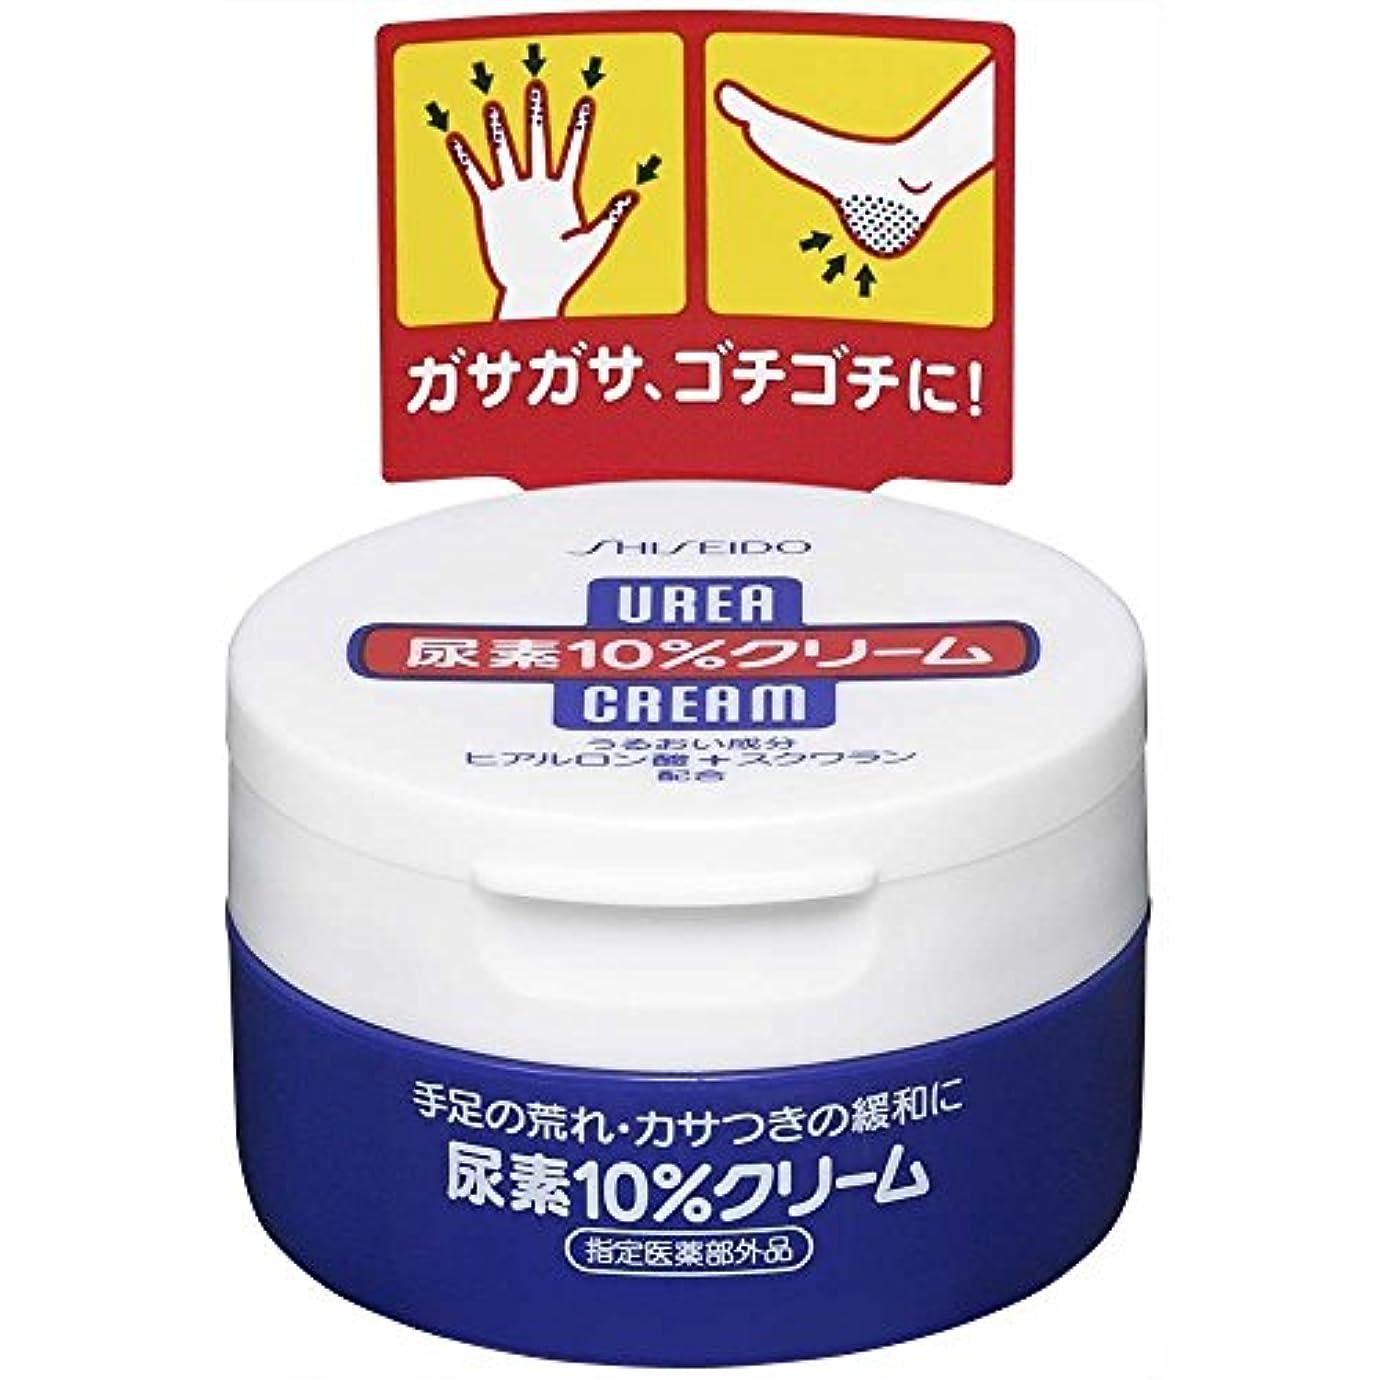 有毒かまど進捗資生堂 尿素10%クリーム 100g(医薬部外品)